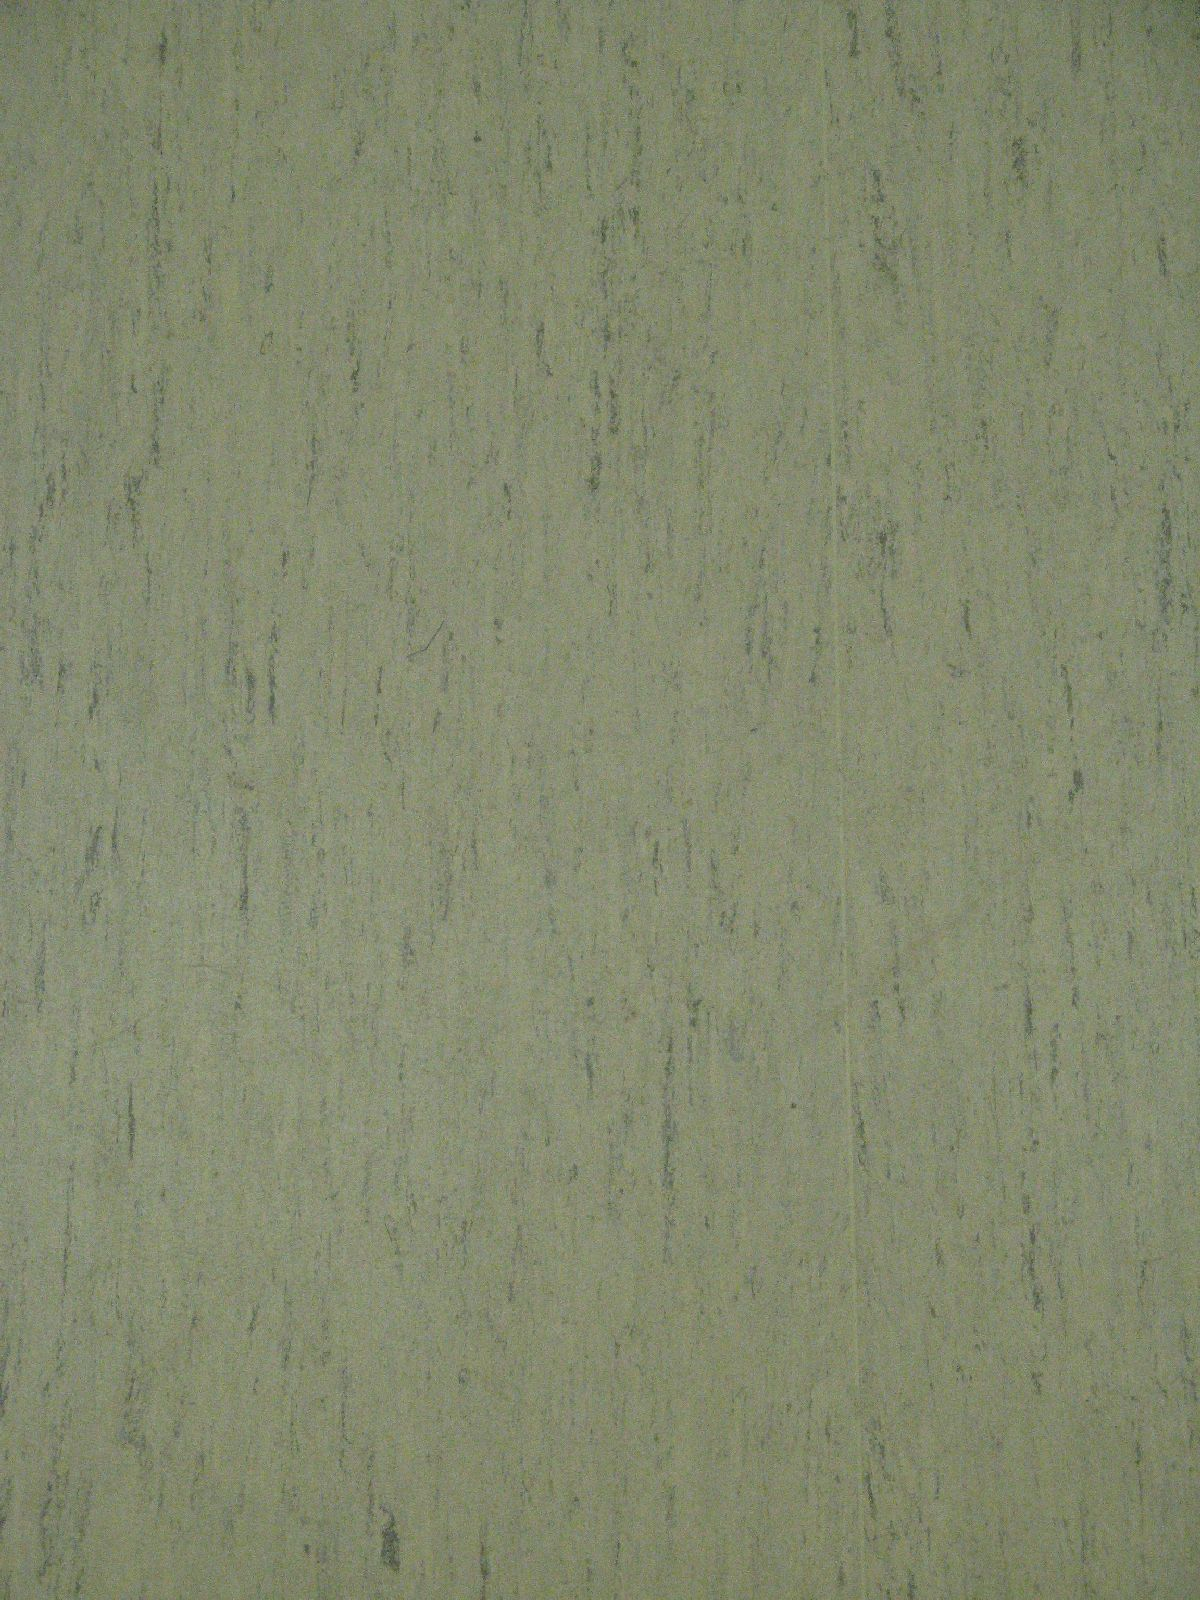 Boden-Gehweg-Strasse-Buergersteig-Textur_B_2863